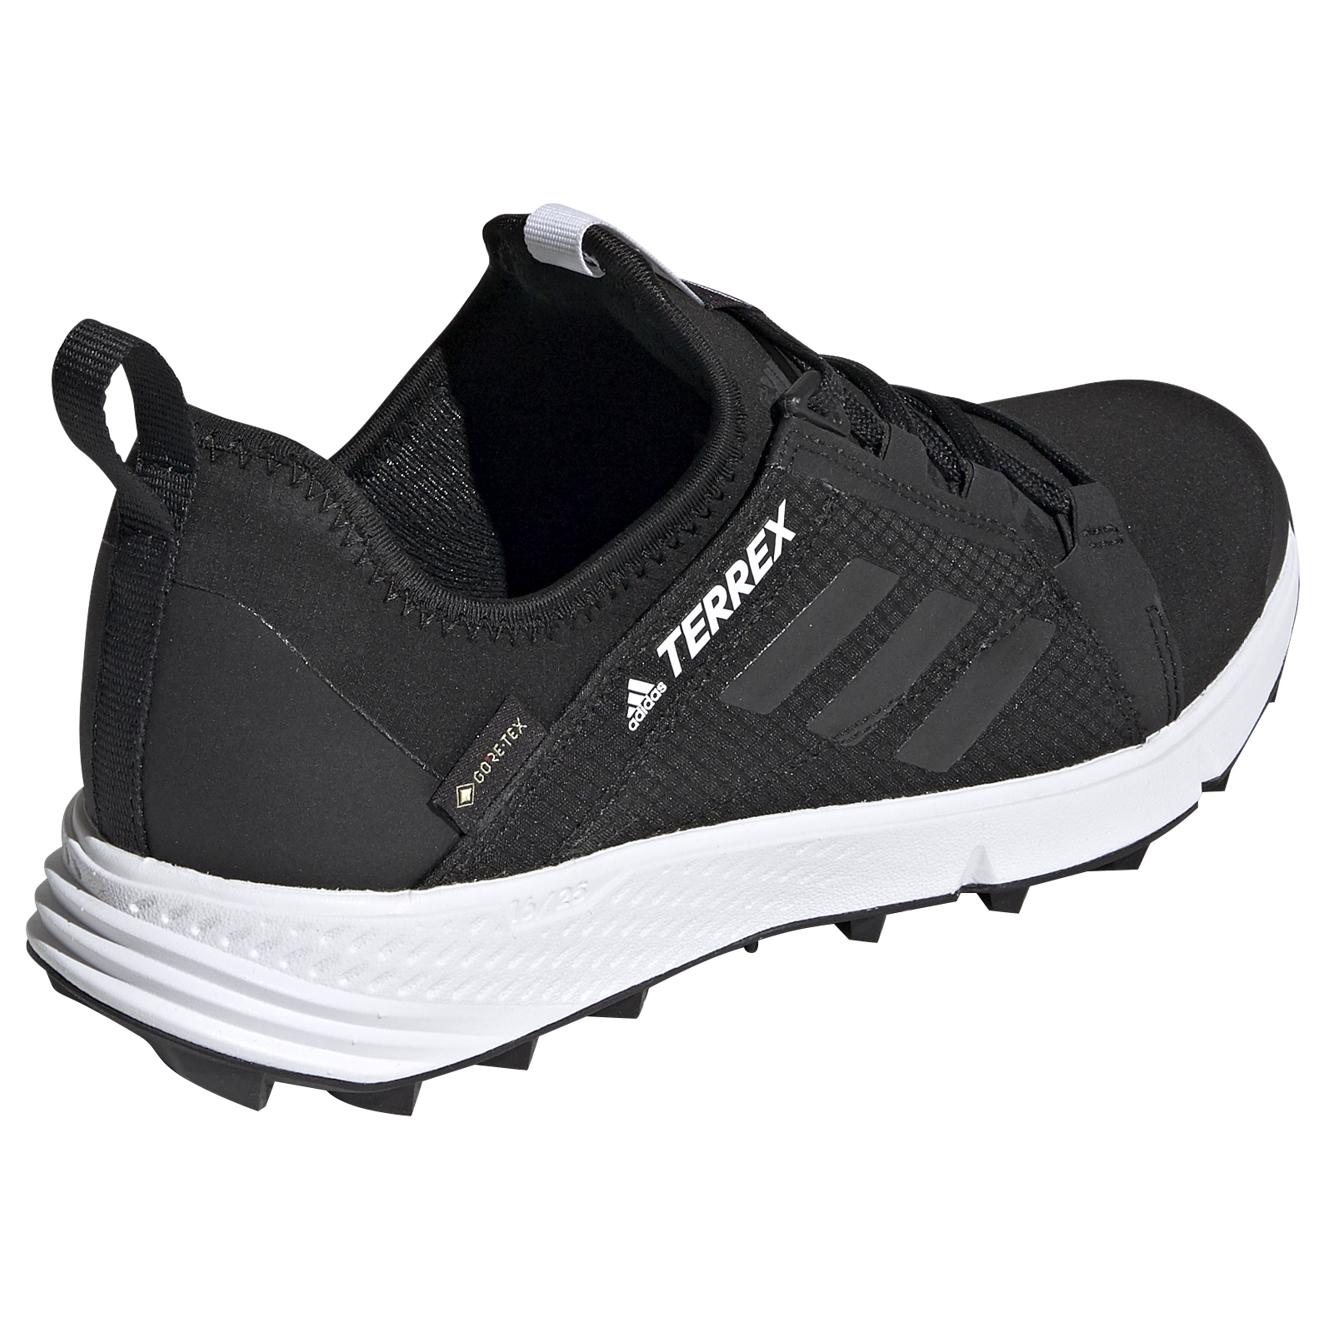 adidas TERREX Agravic Speed Zapatillas Mujer, core black